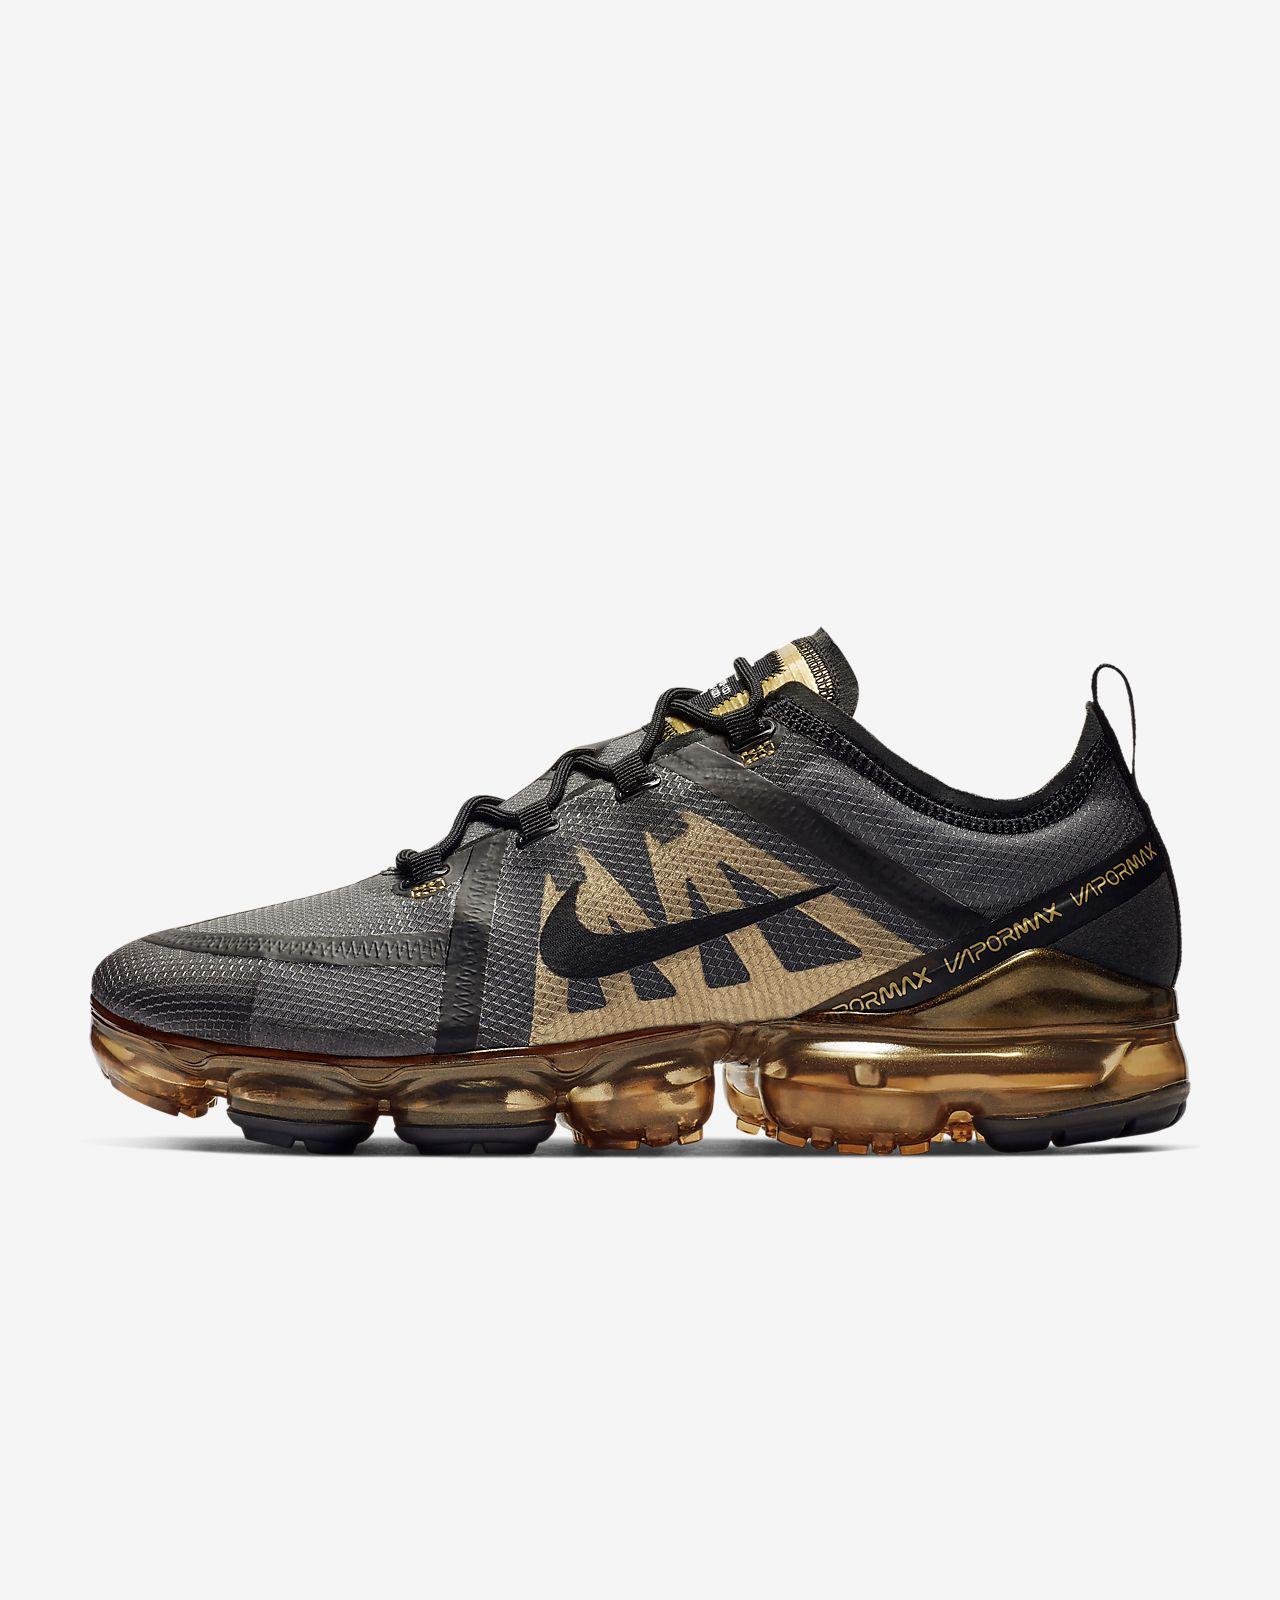 388c5845577 Nike Air VaporMax 2019 Shoe. Nike.com LU